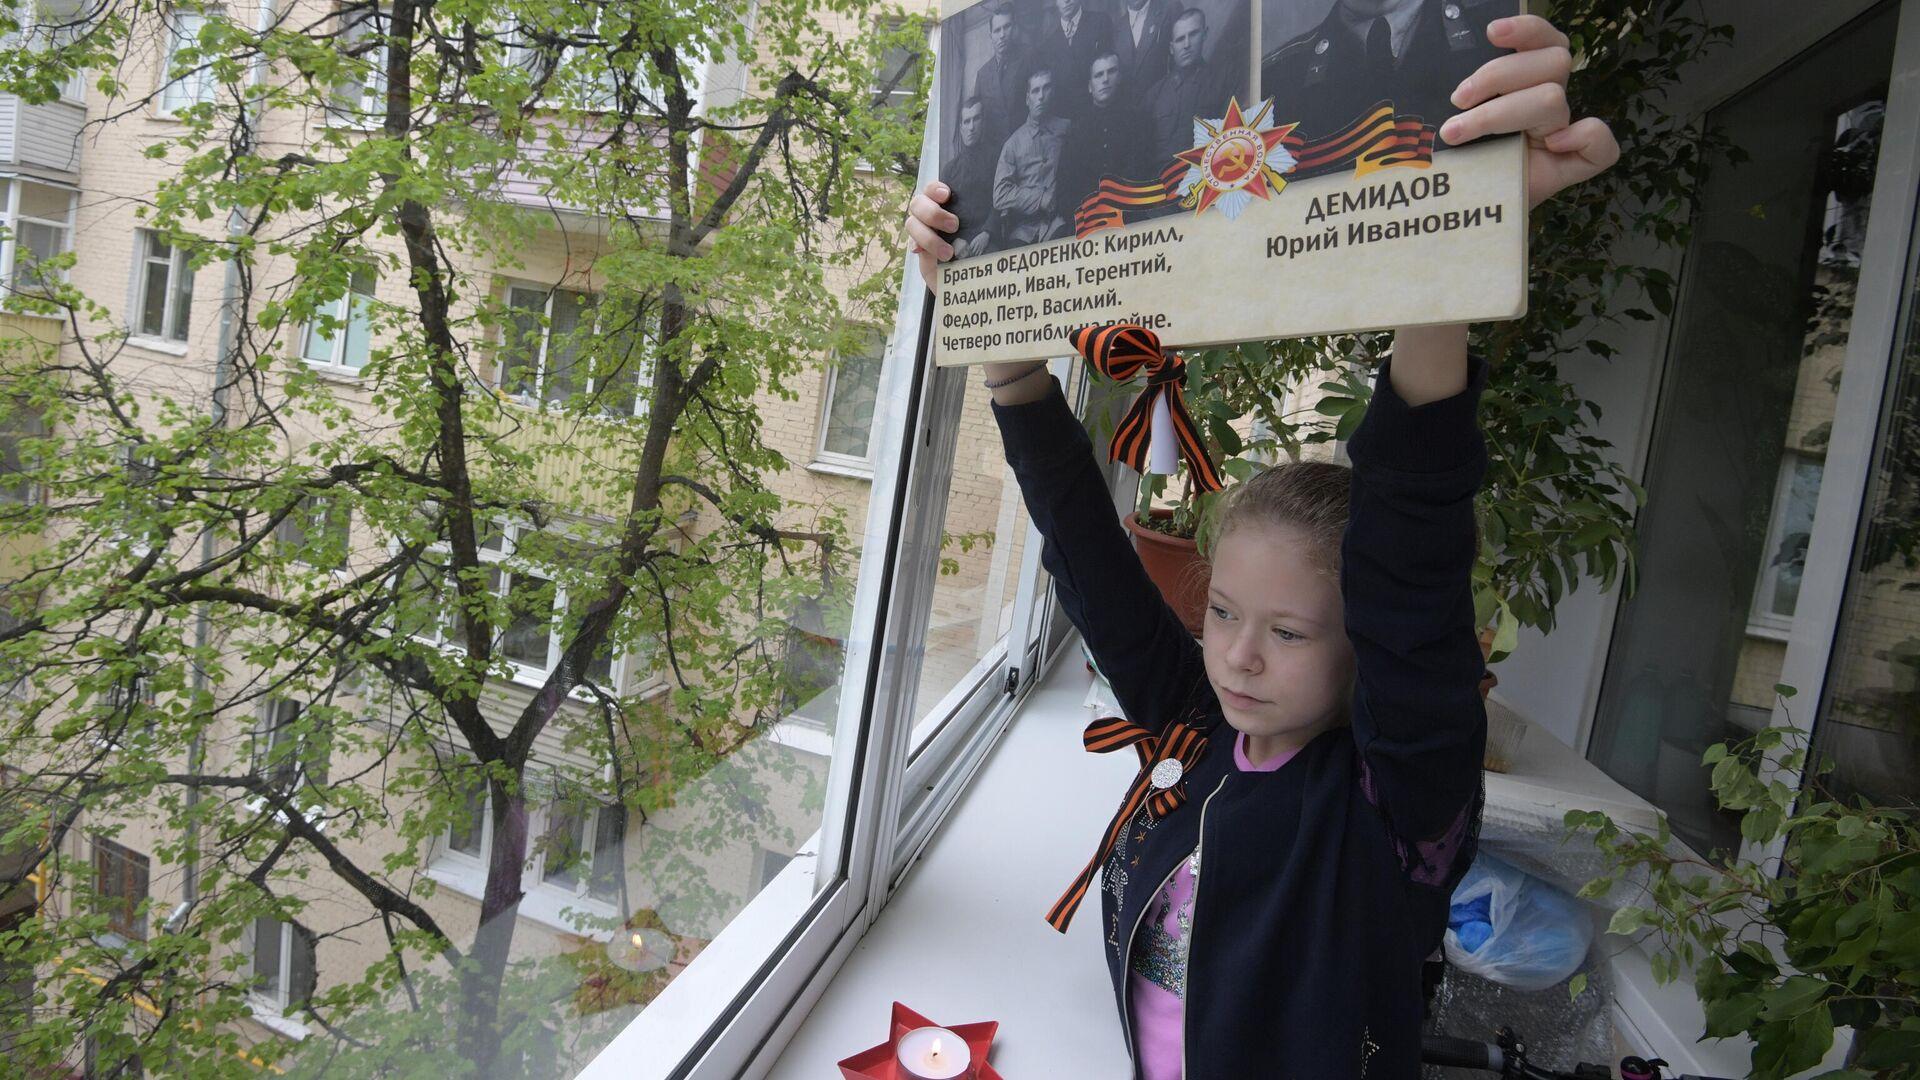 Девочка держит фотографии с портретами своих родственников - ветеранов Великой Отечественной войны - РИА Новости, 1920, 13.05.2020